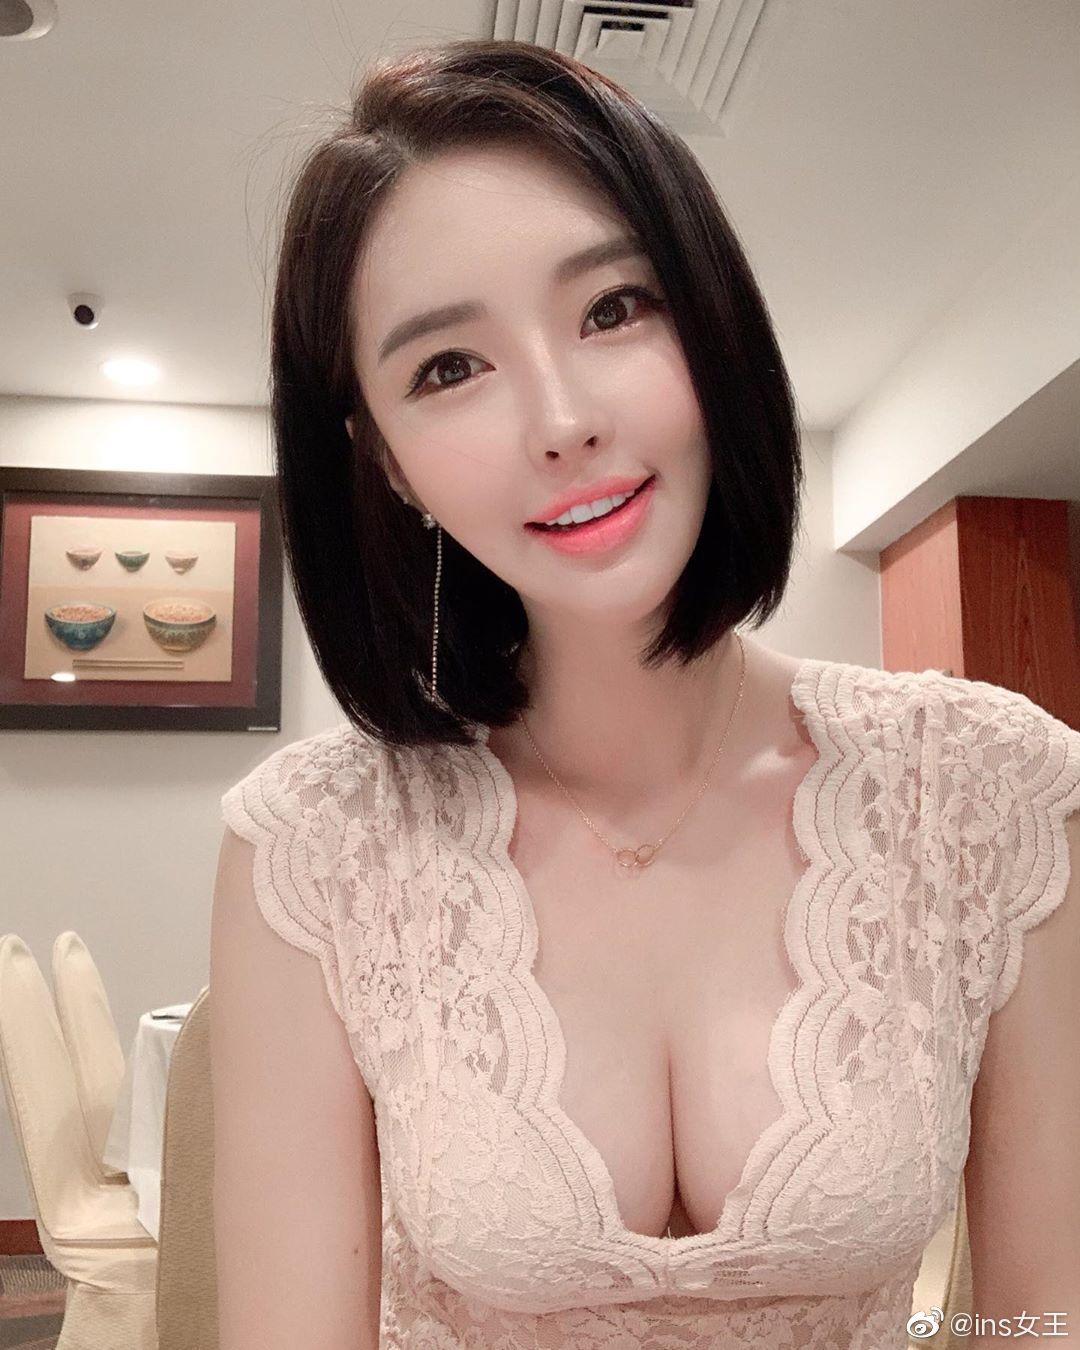 韩国美女车模生活照自拍 精致脸庞与魔鬼身材完美结合